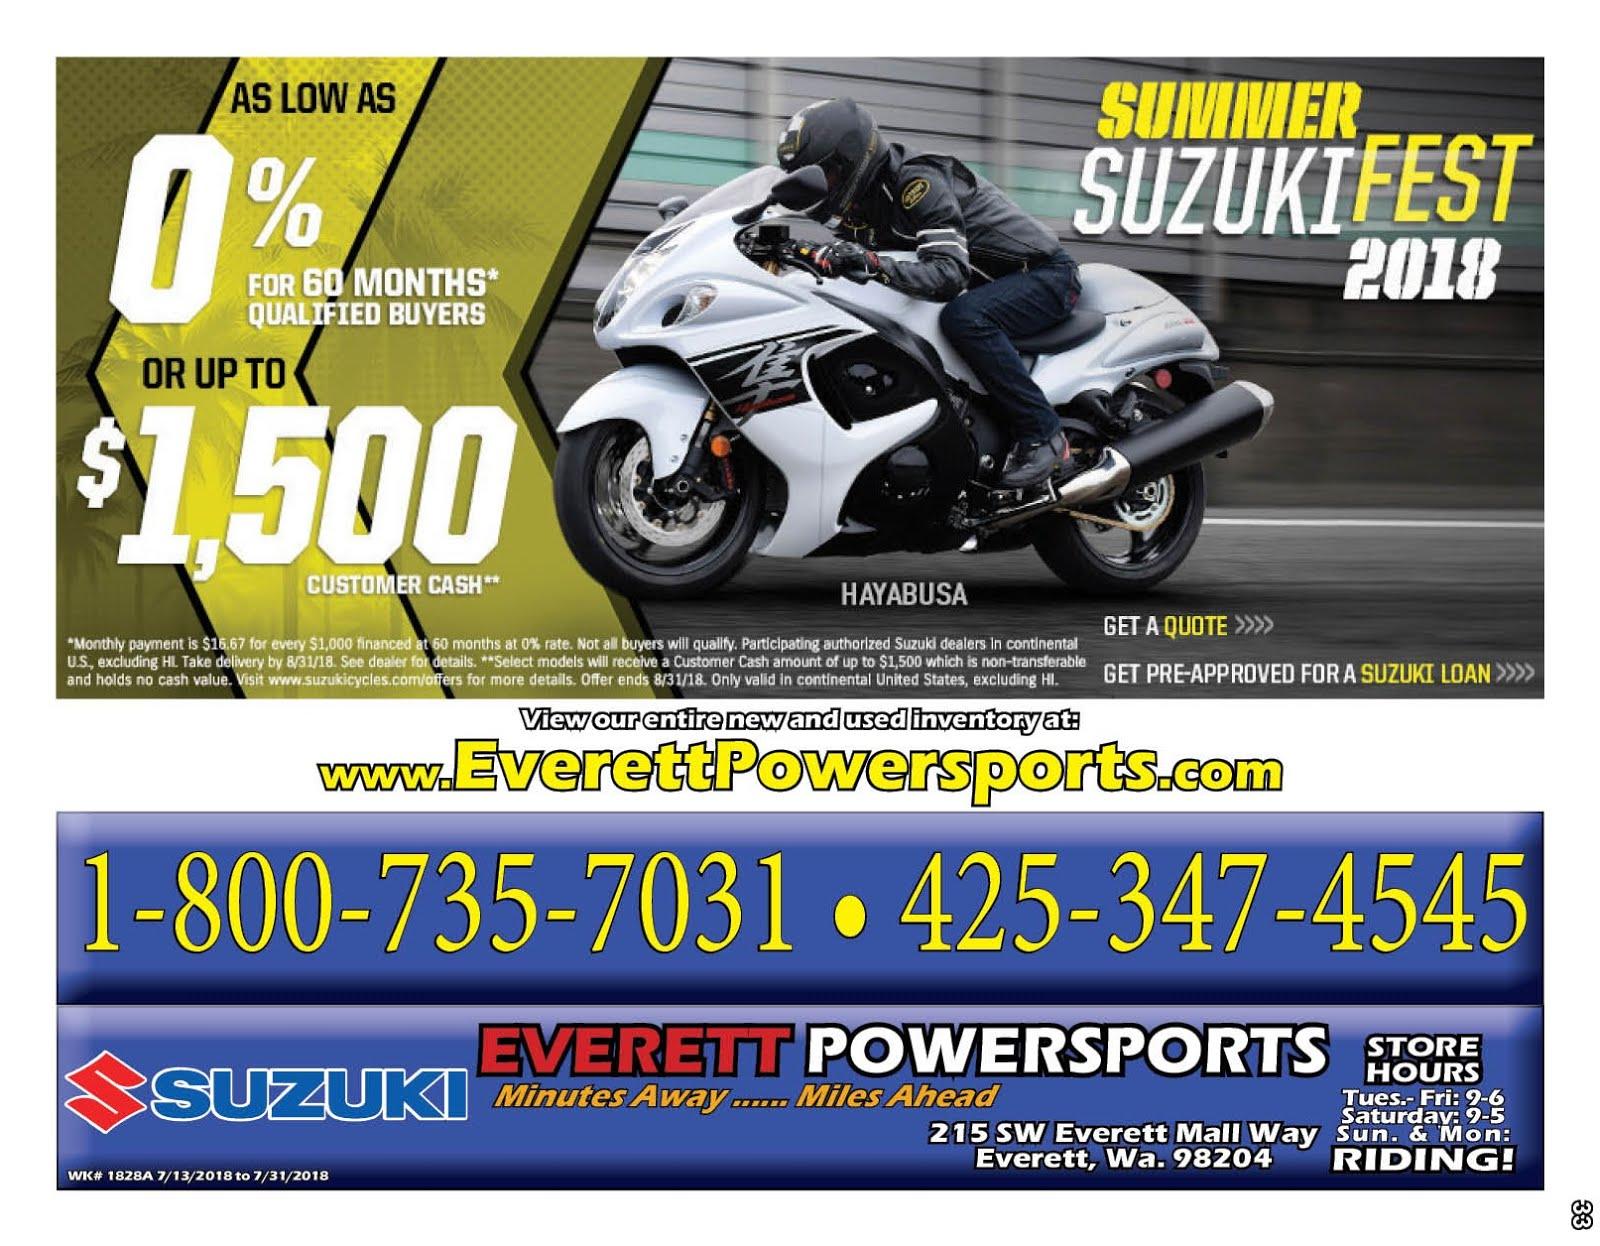 Everett Powersports Suzuki Sale!!